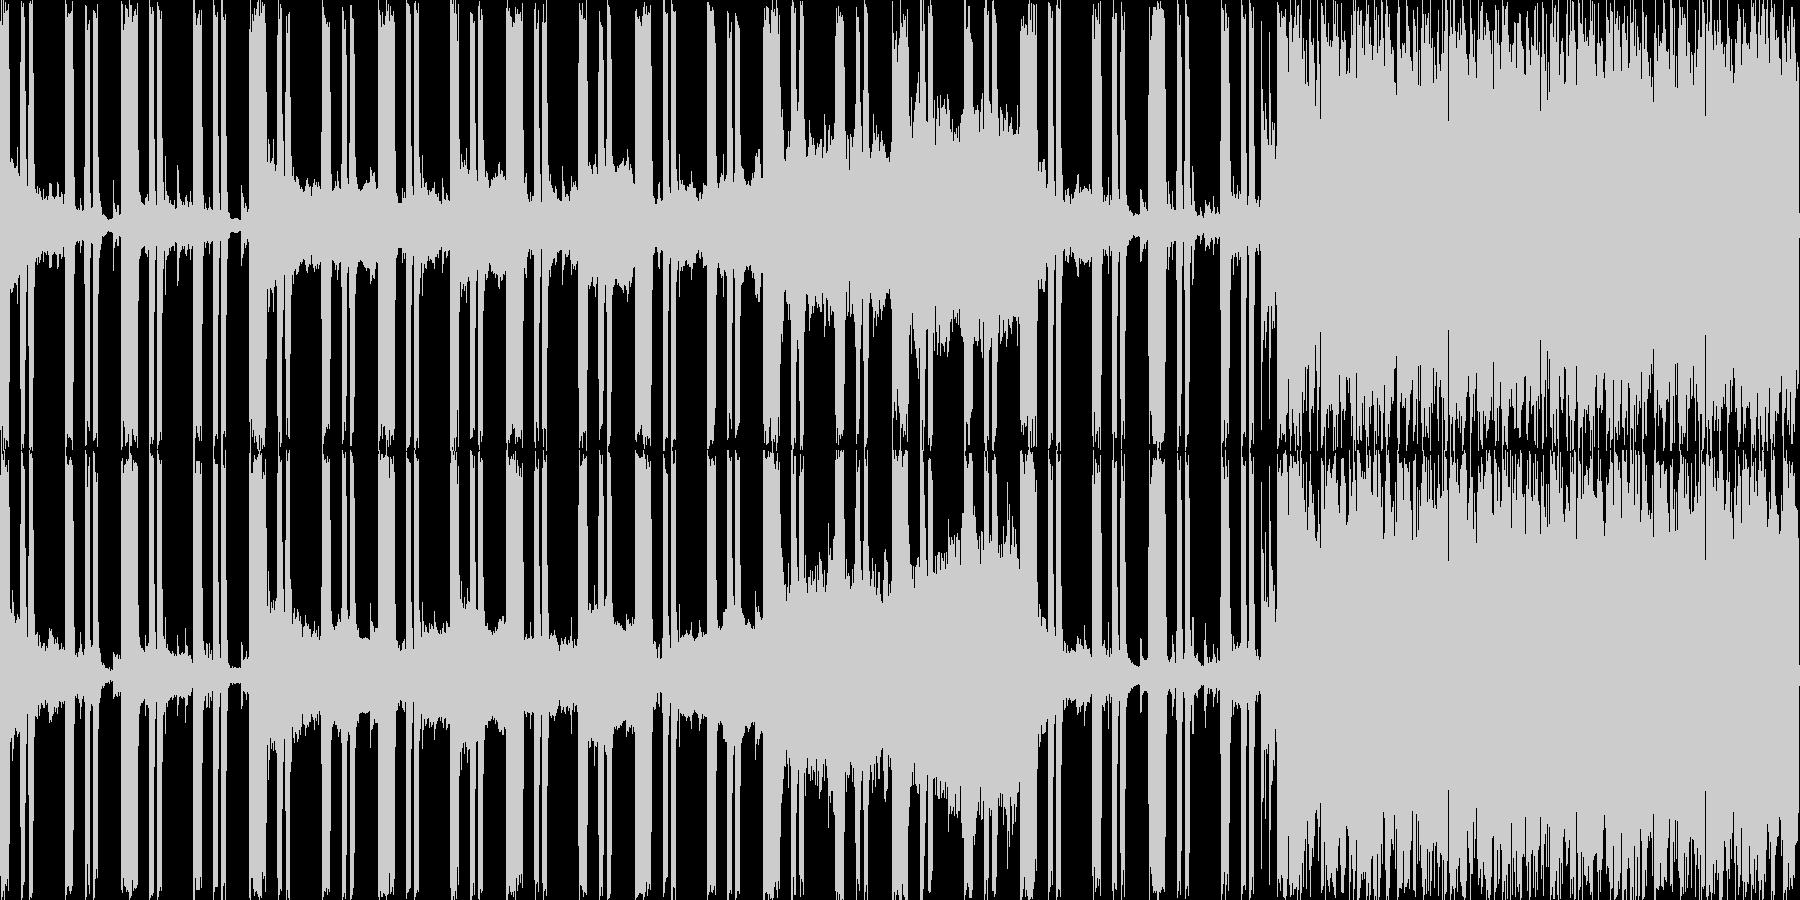 ダンジョンのBGMなど・陰鬱さと暗くジ…の未再生の波形